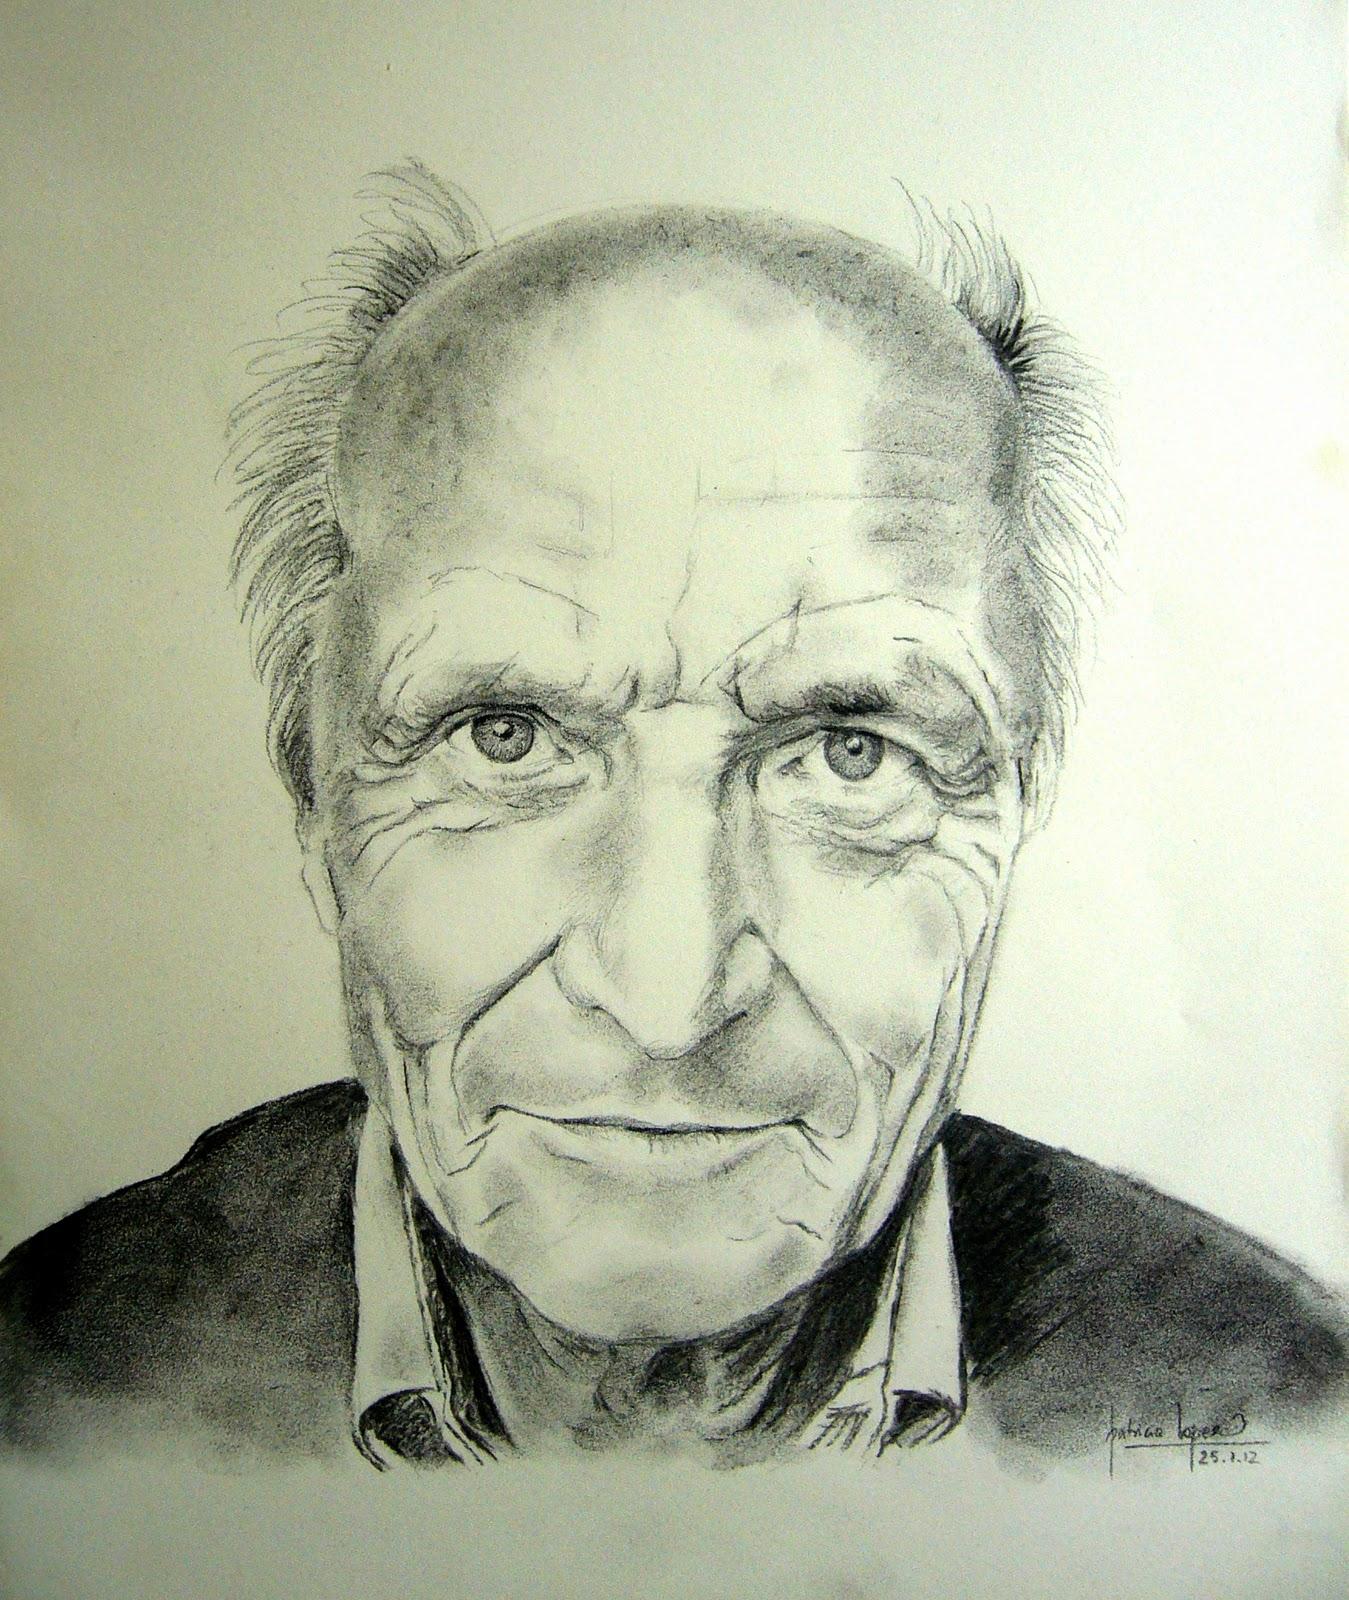 Antonio López, sobre la verdad en el Arte - antoniolopez